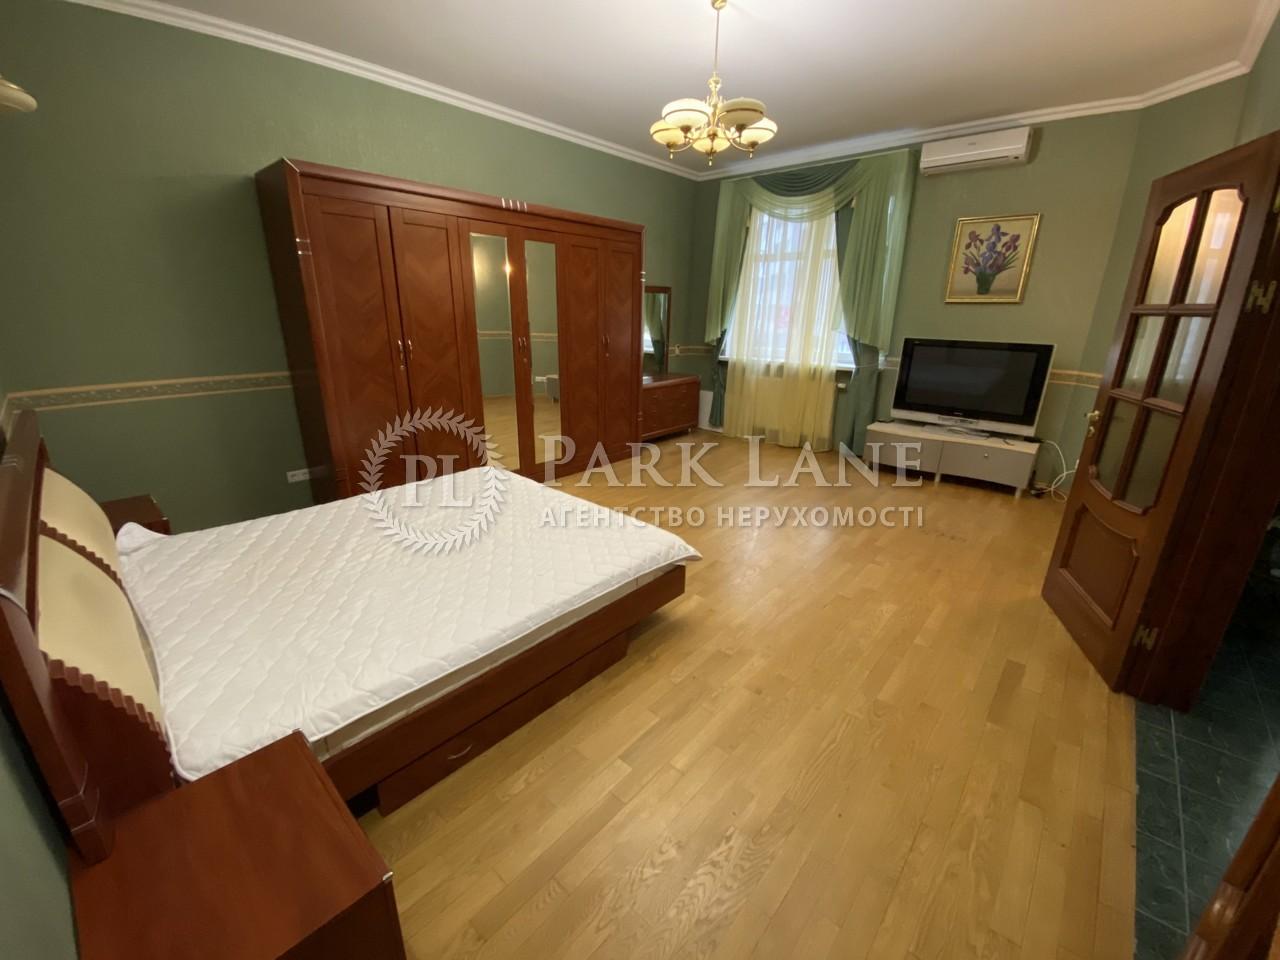 Квартира вул. Коновальця Євгена (Щорса), 32а, Київ, F-27157 - Фото 7